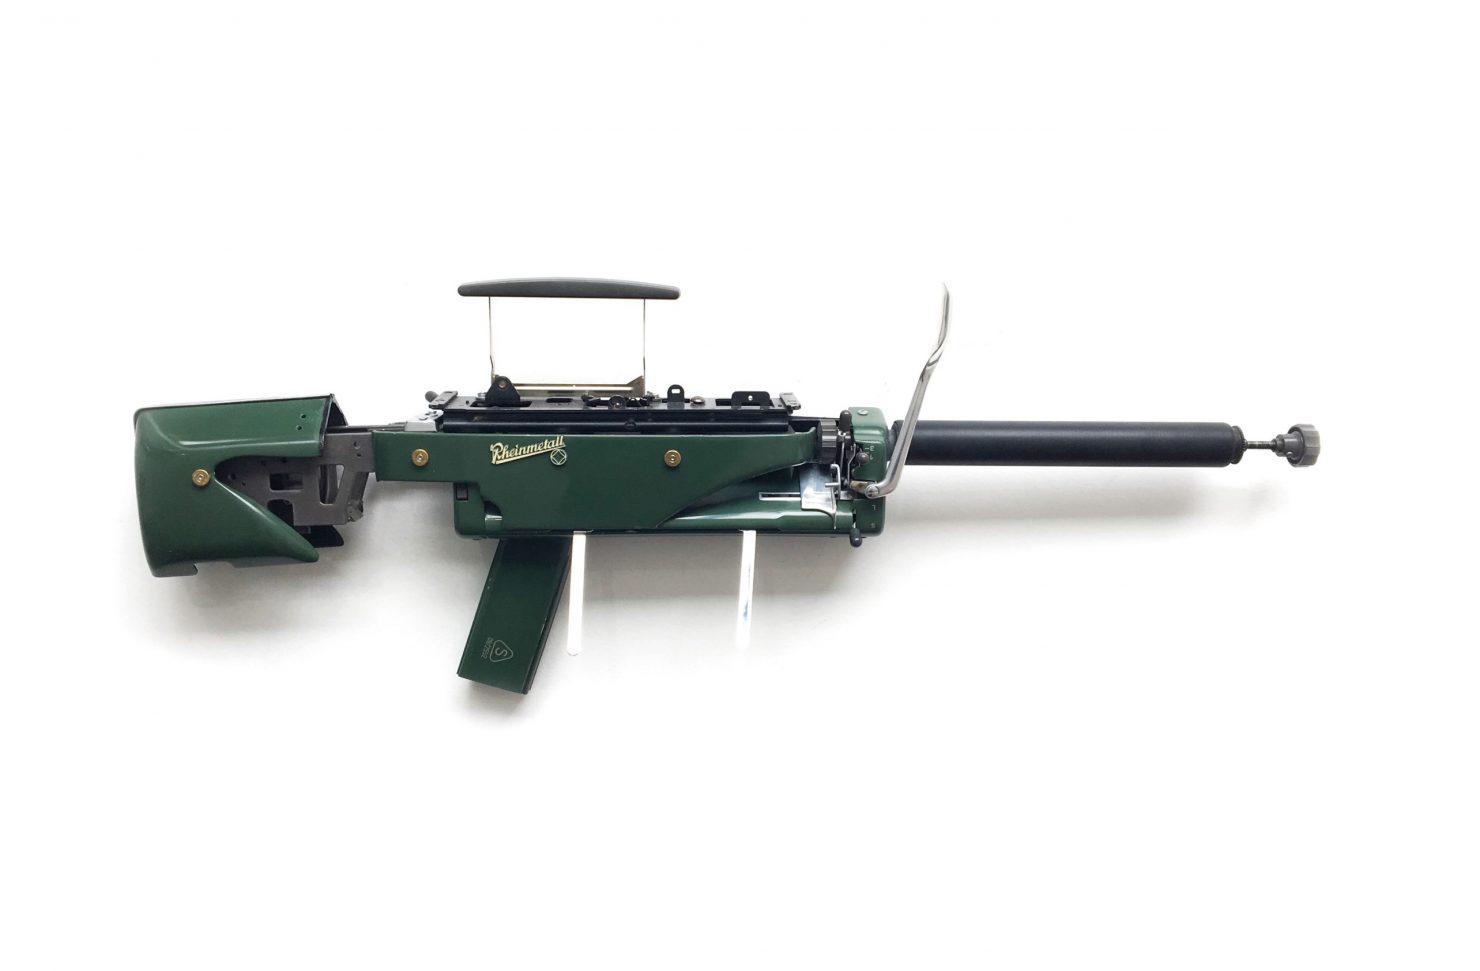 Typewriter Guns 4 1480x971 - Typewriter Guns